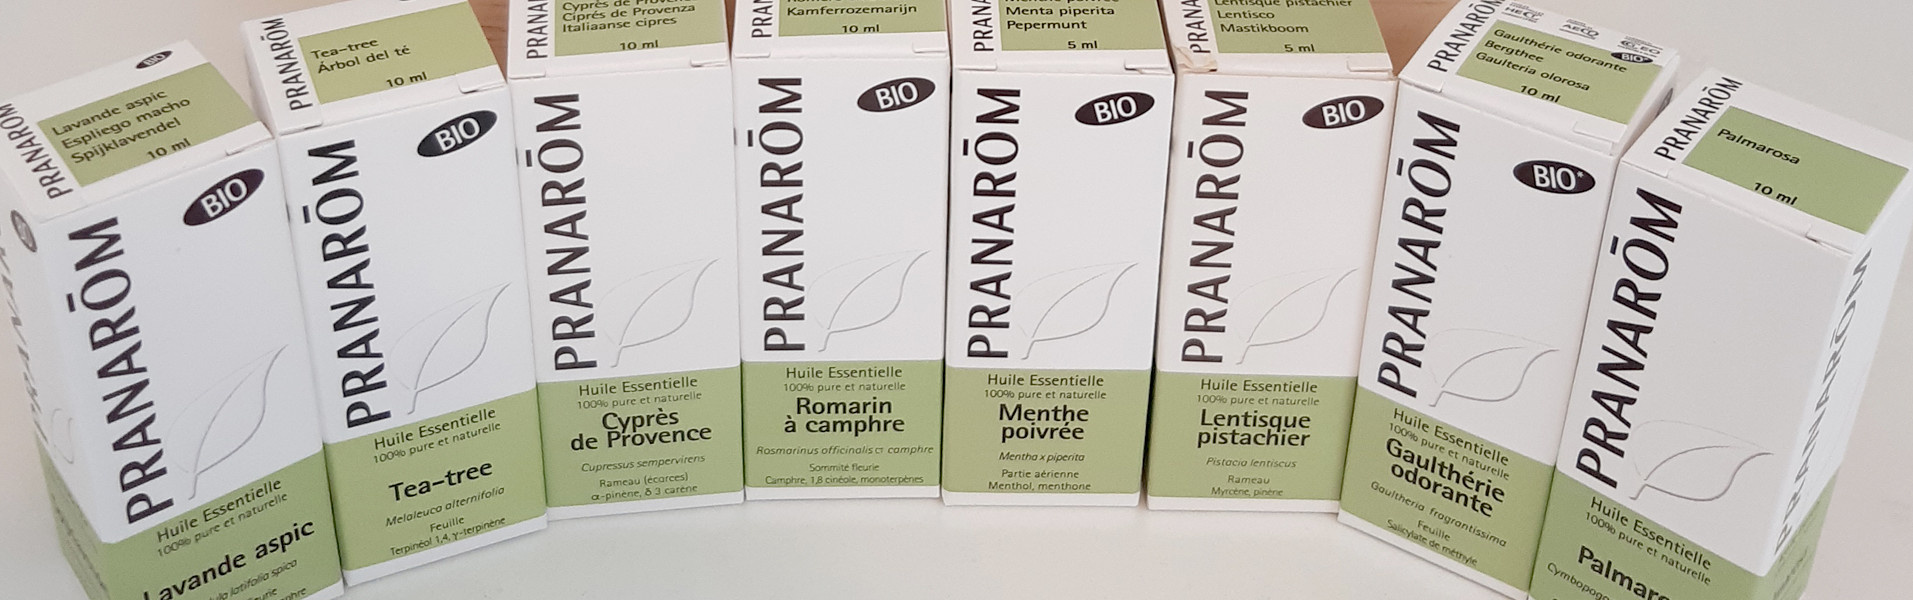 Farmaciola Aromàtica d'Estiu